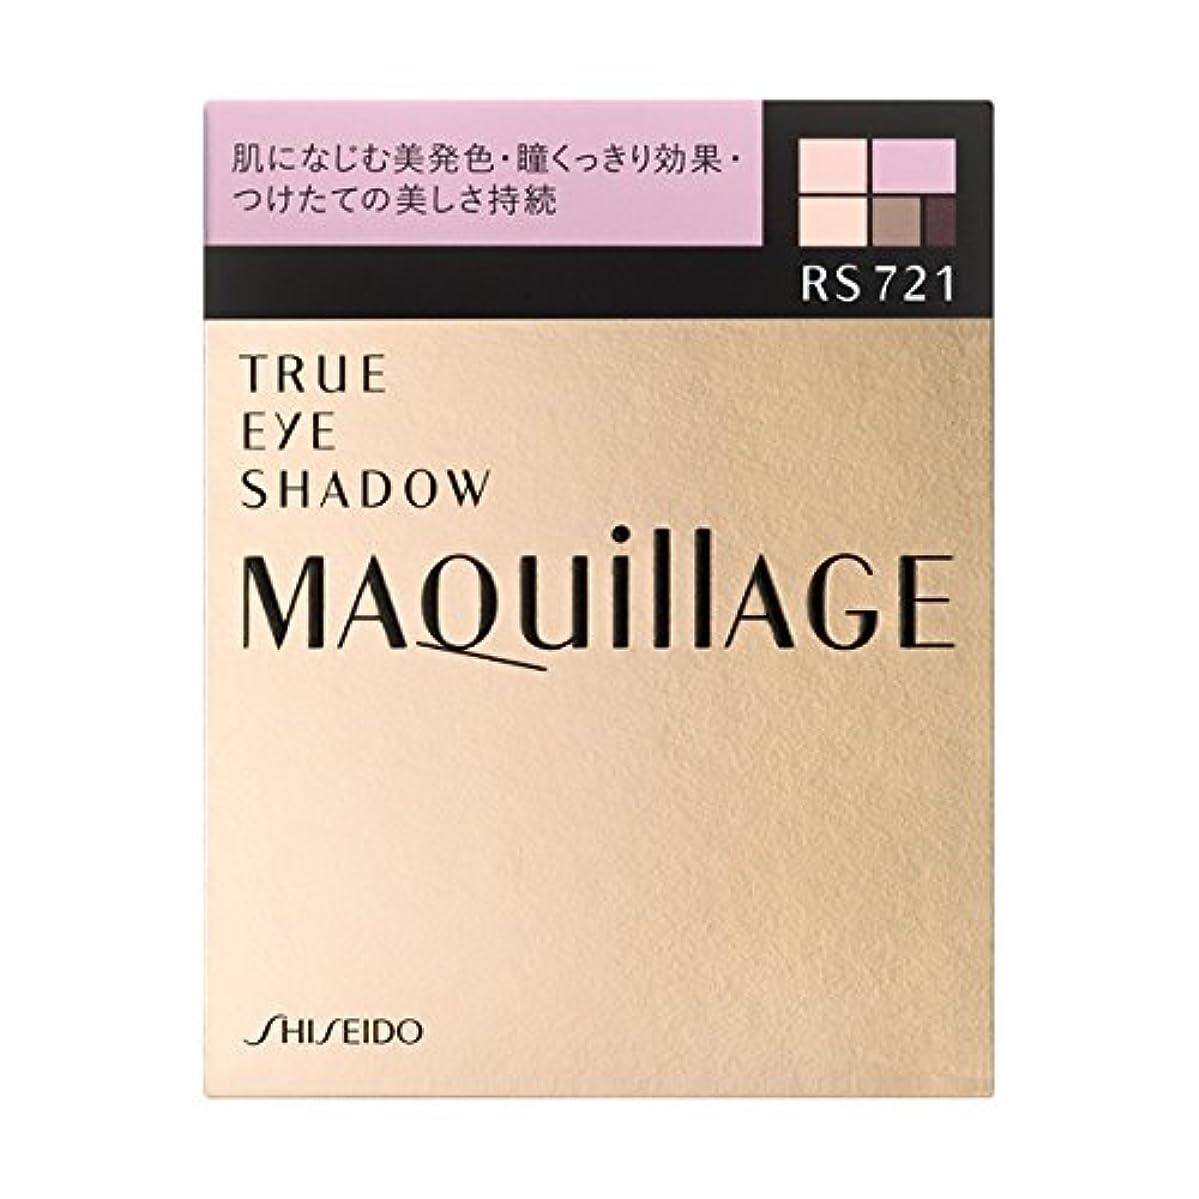 チェスをする寝室を掃除する乱用<2個セット>マキアージュ トゥルーアイシャドー RS721 本体 3.5g×2個